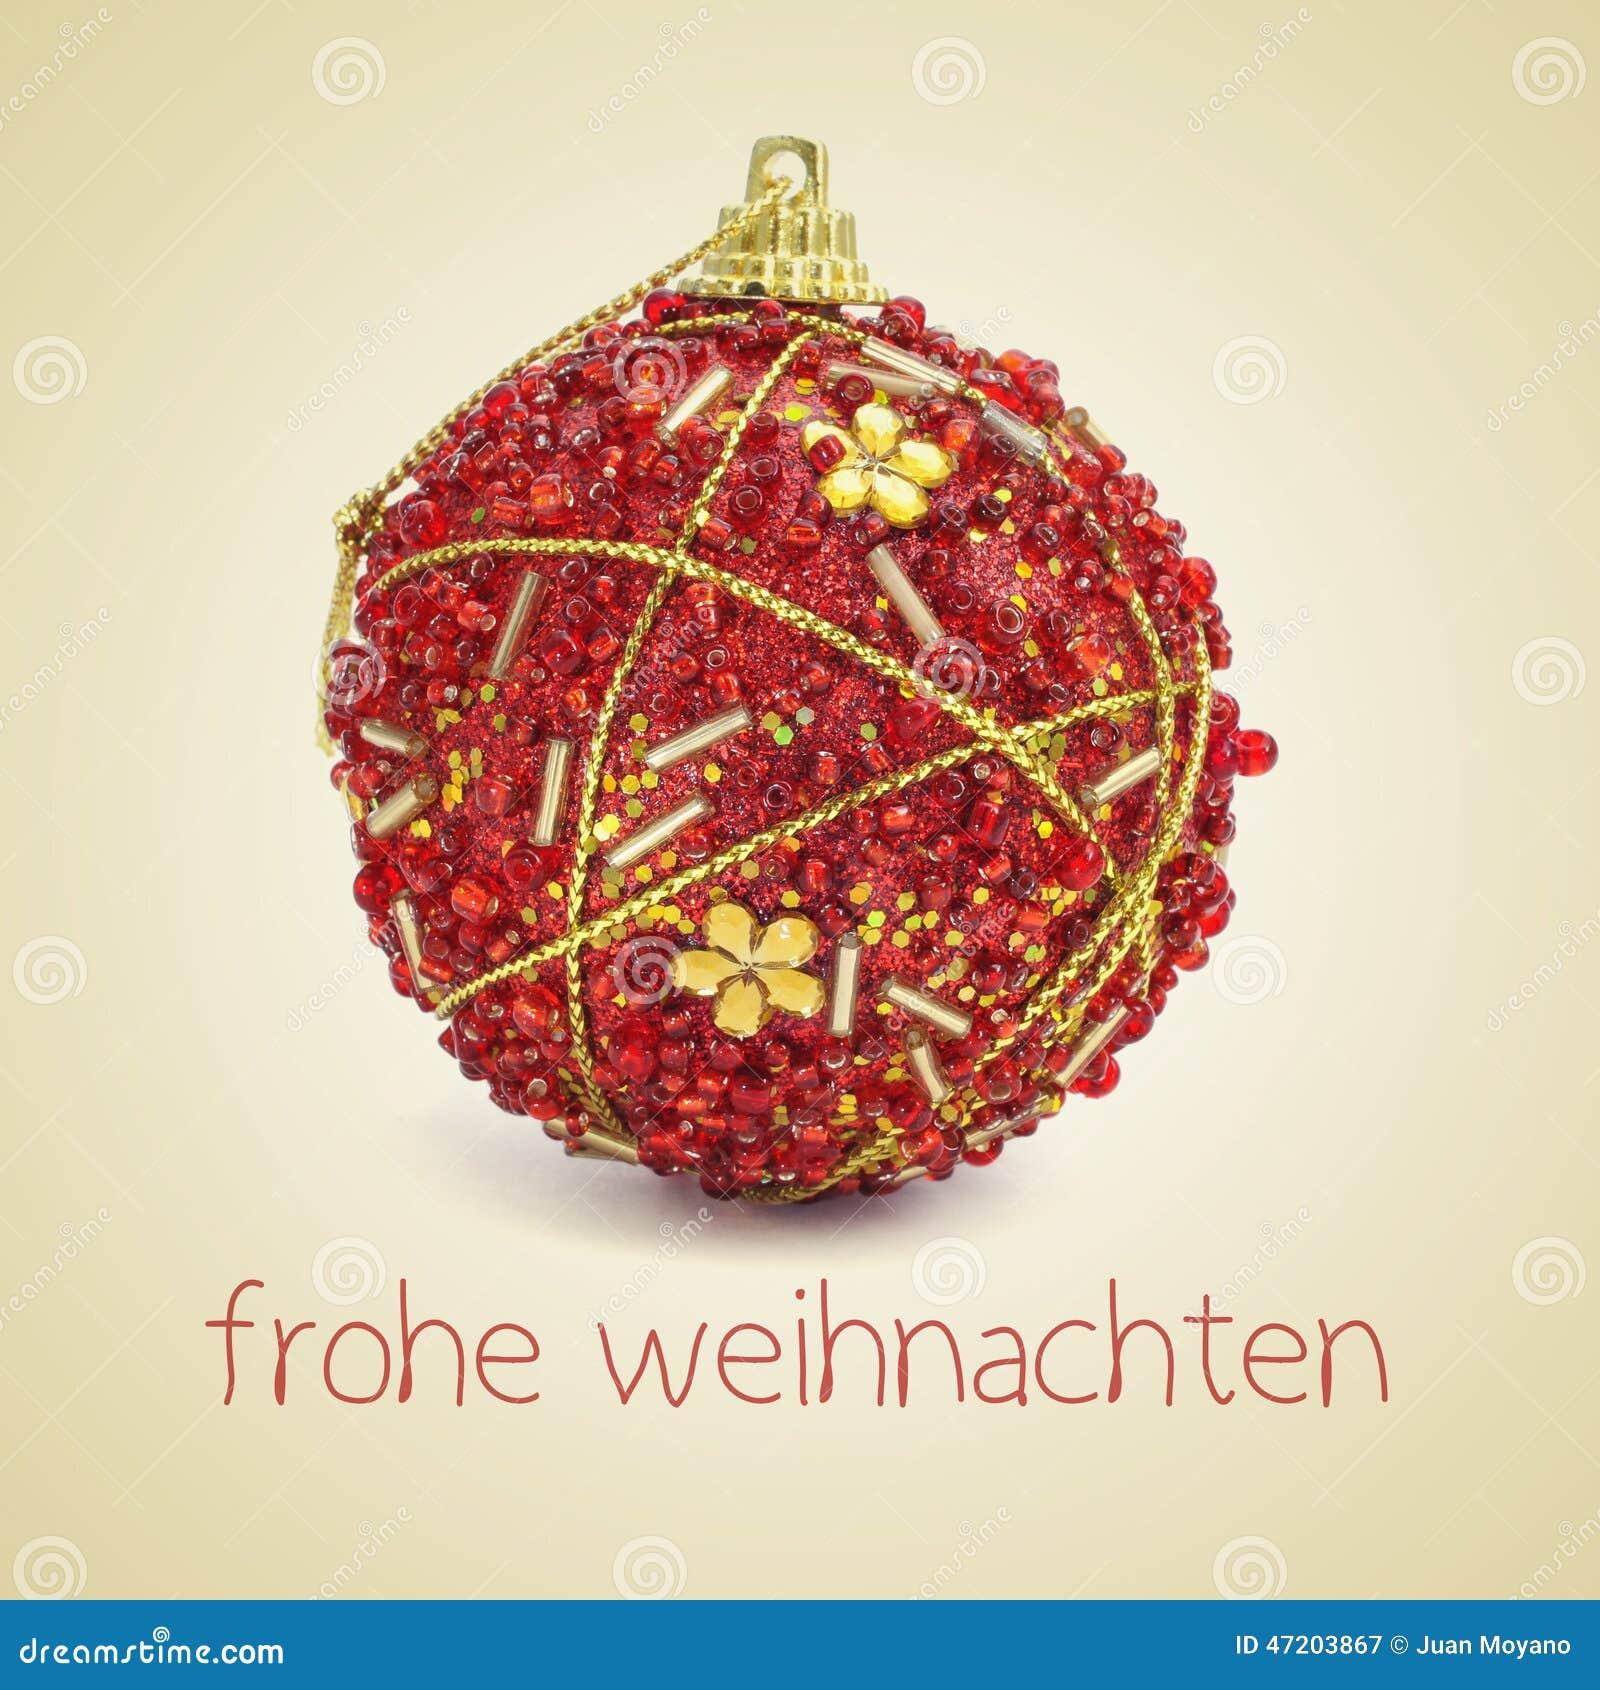 Frohe weihnachten,圣诞快乐用德语